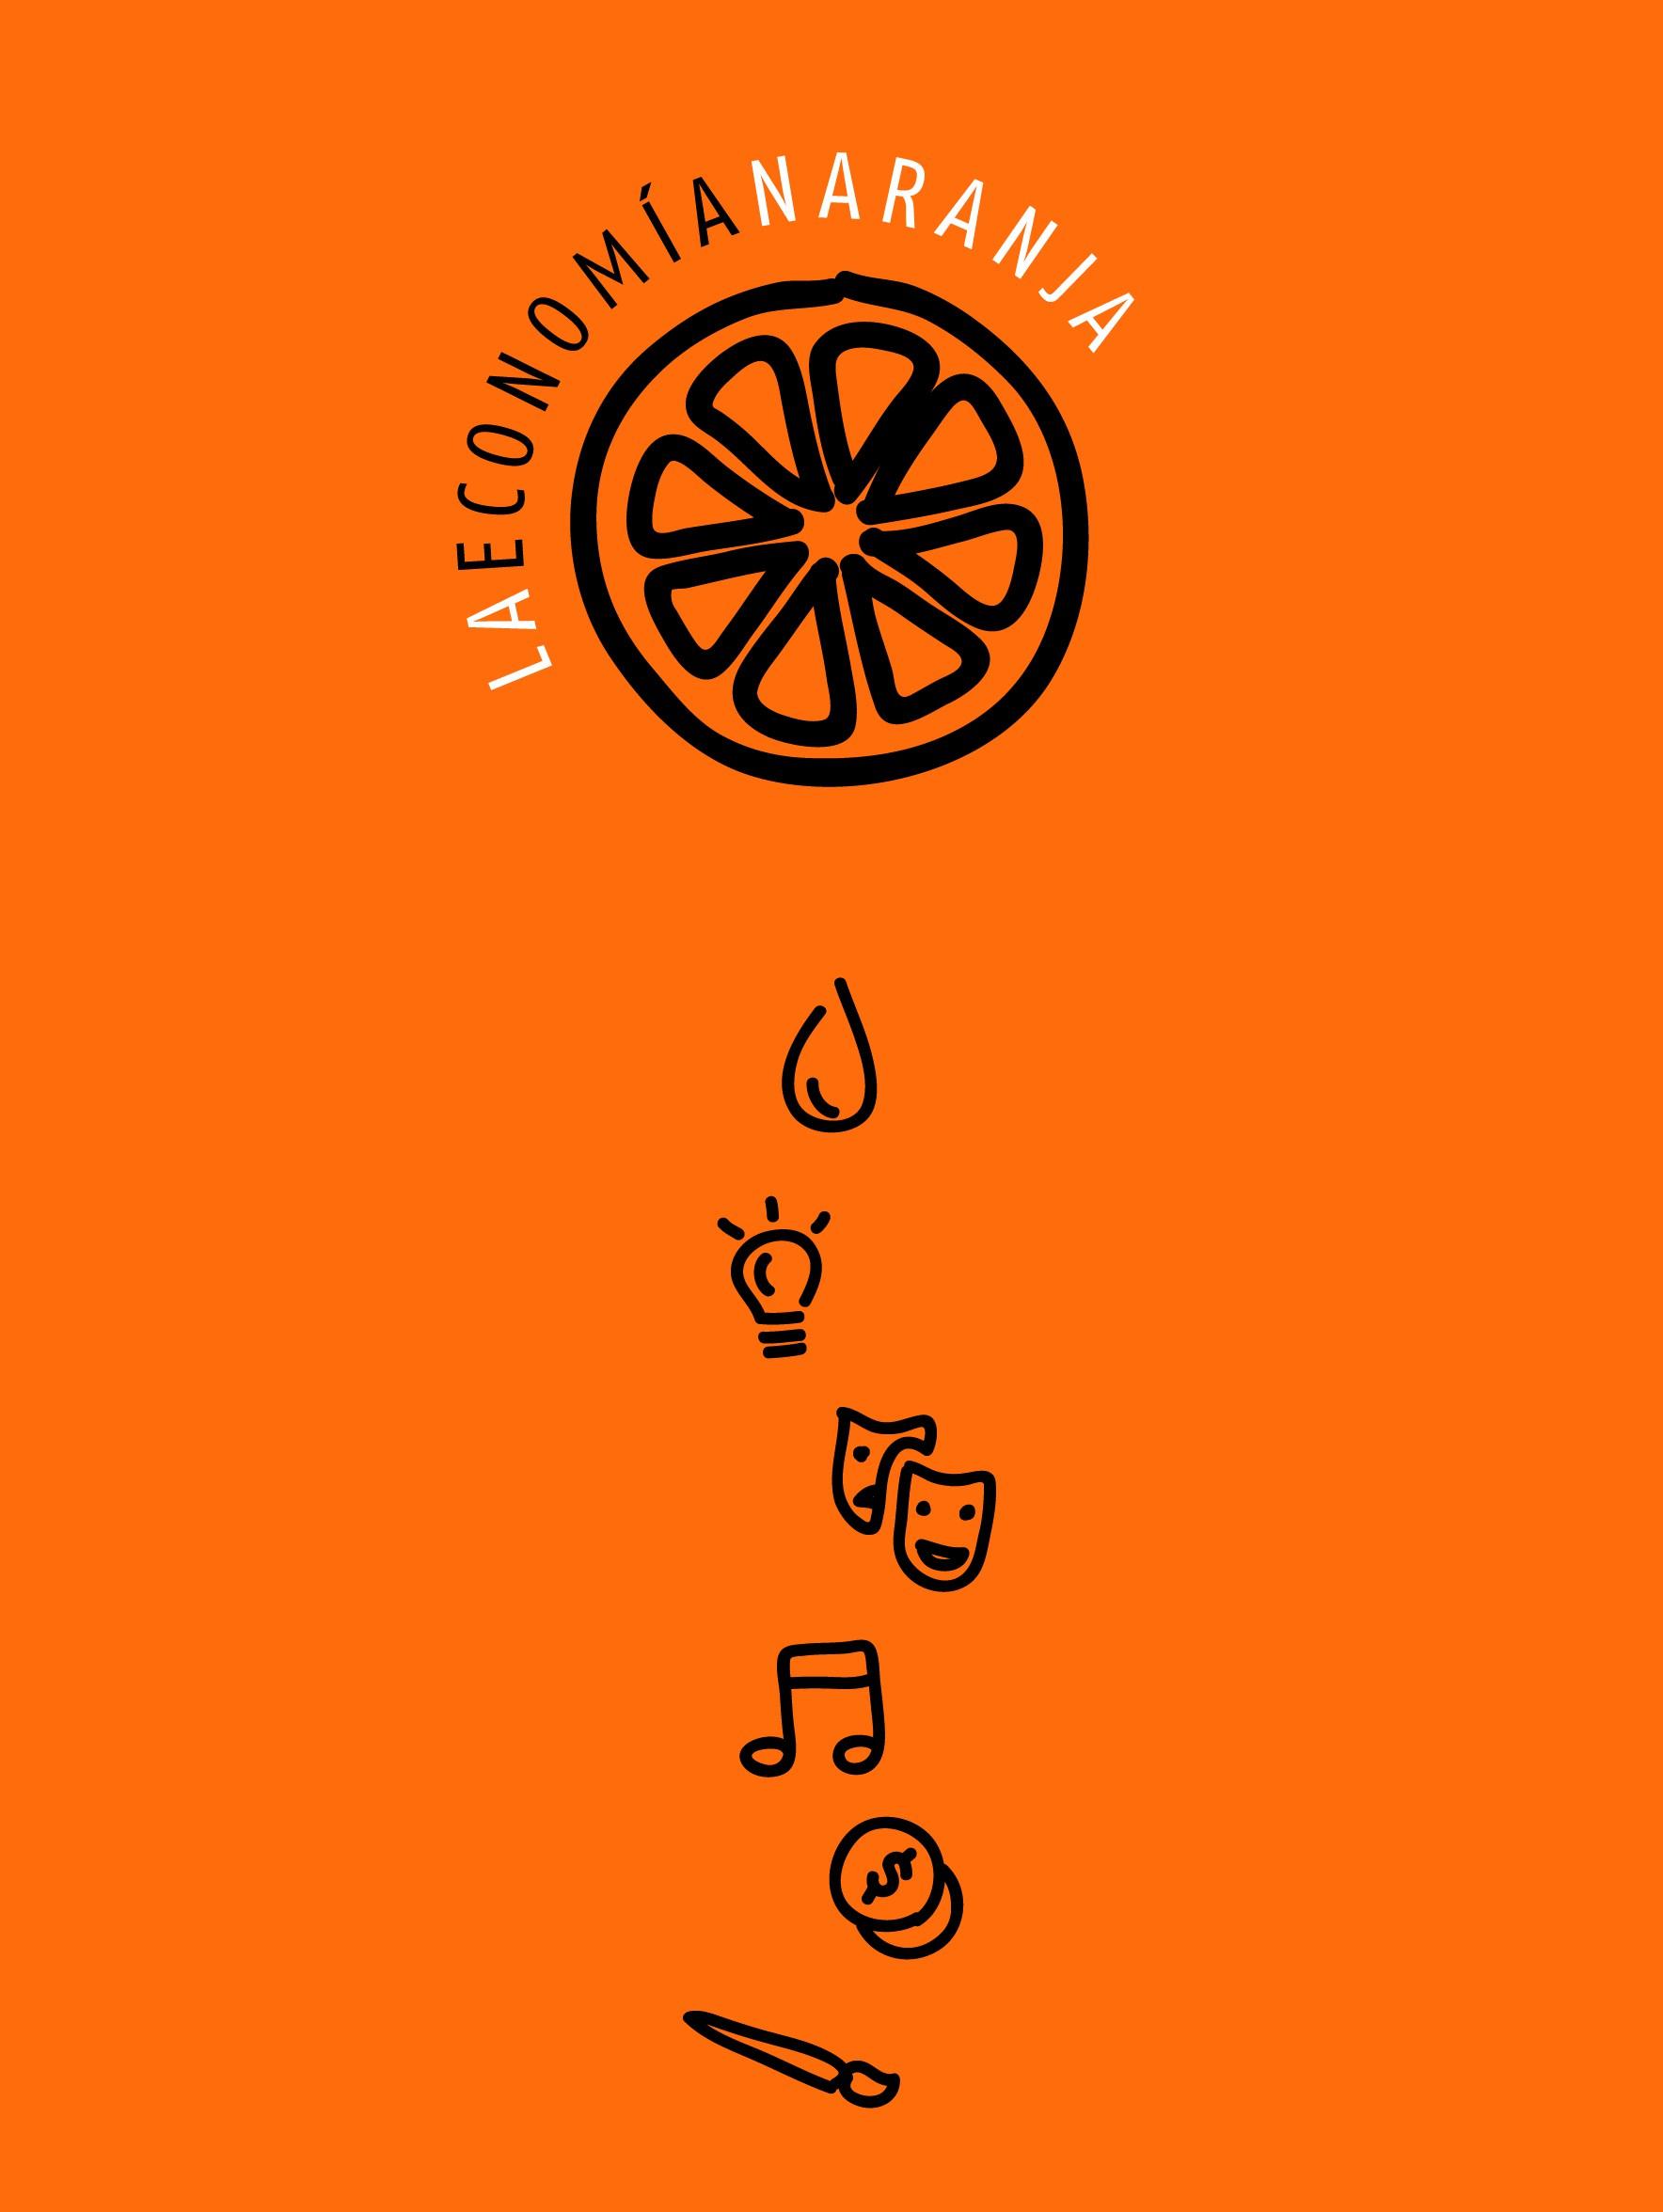 La-economia-naranja_-